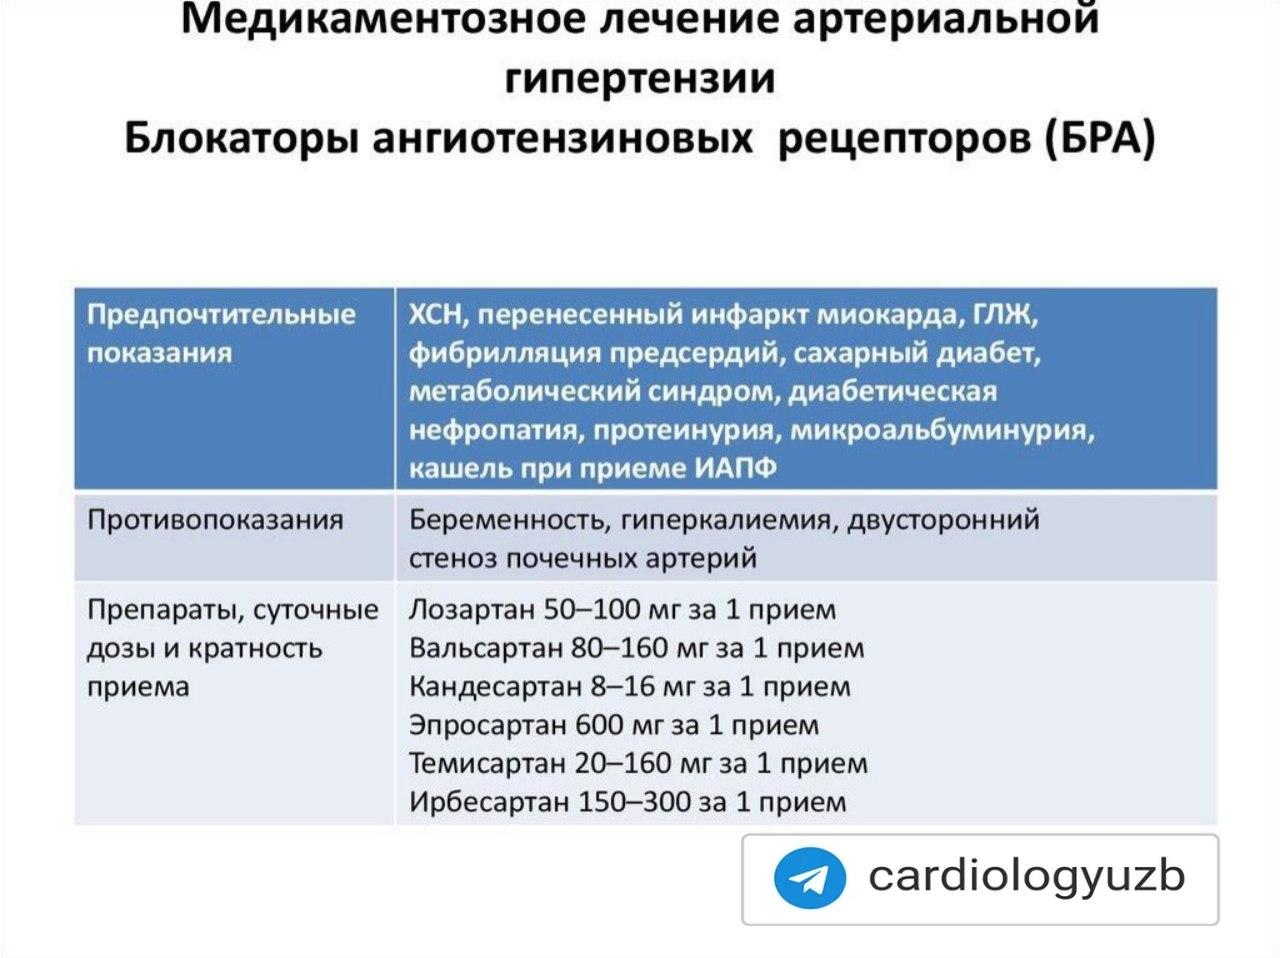 Лекарства брадикардия при повышенном давлении